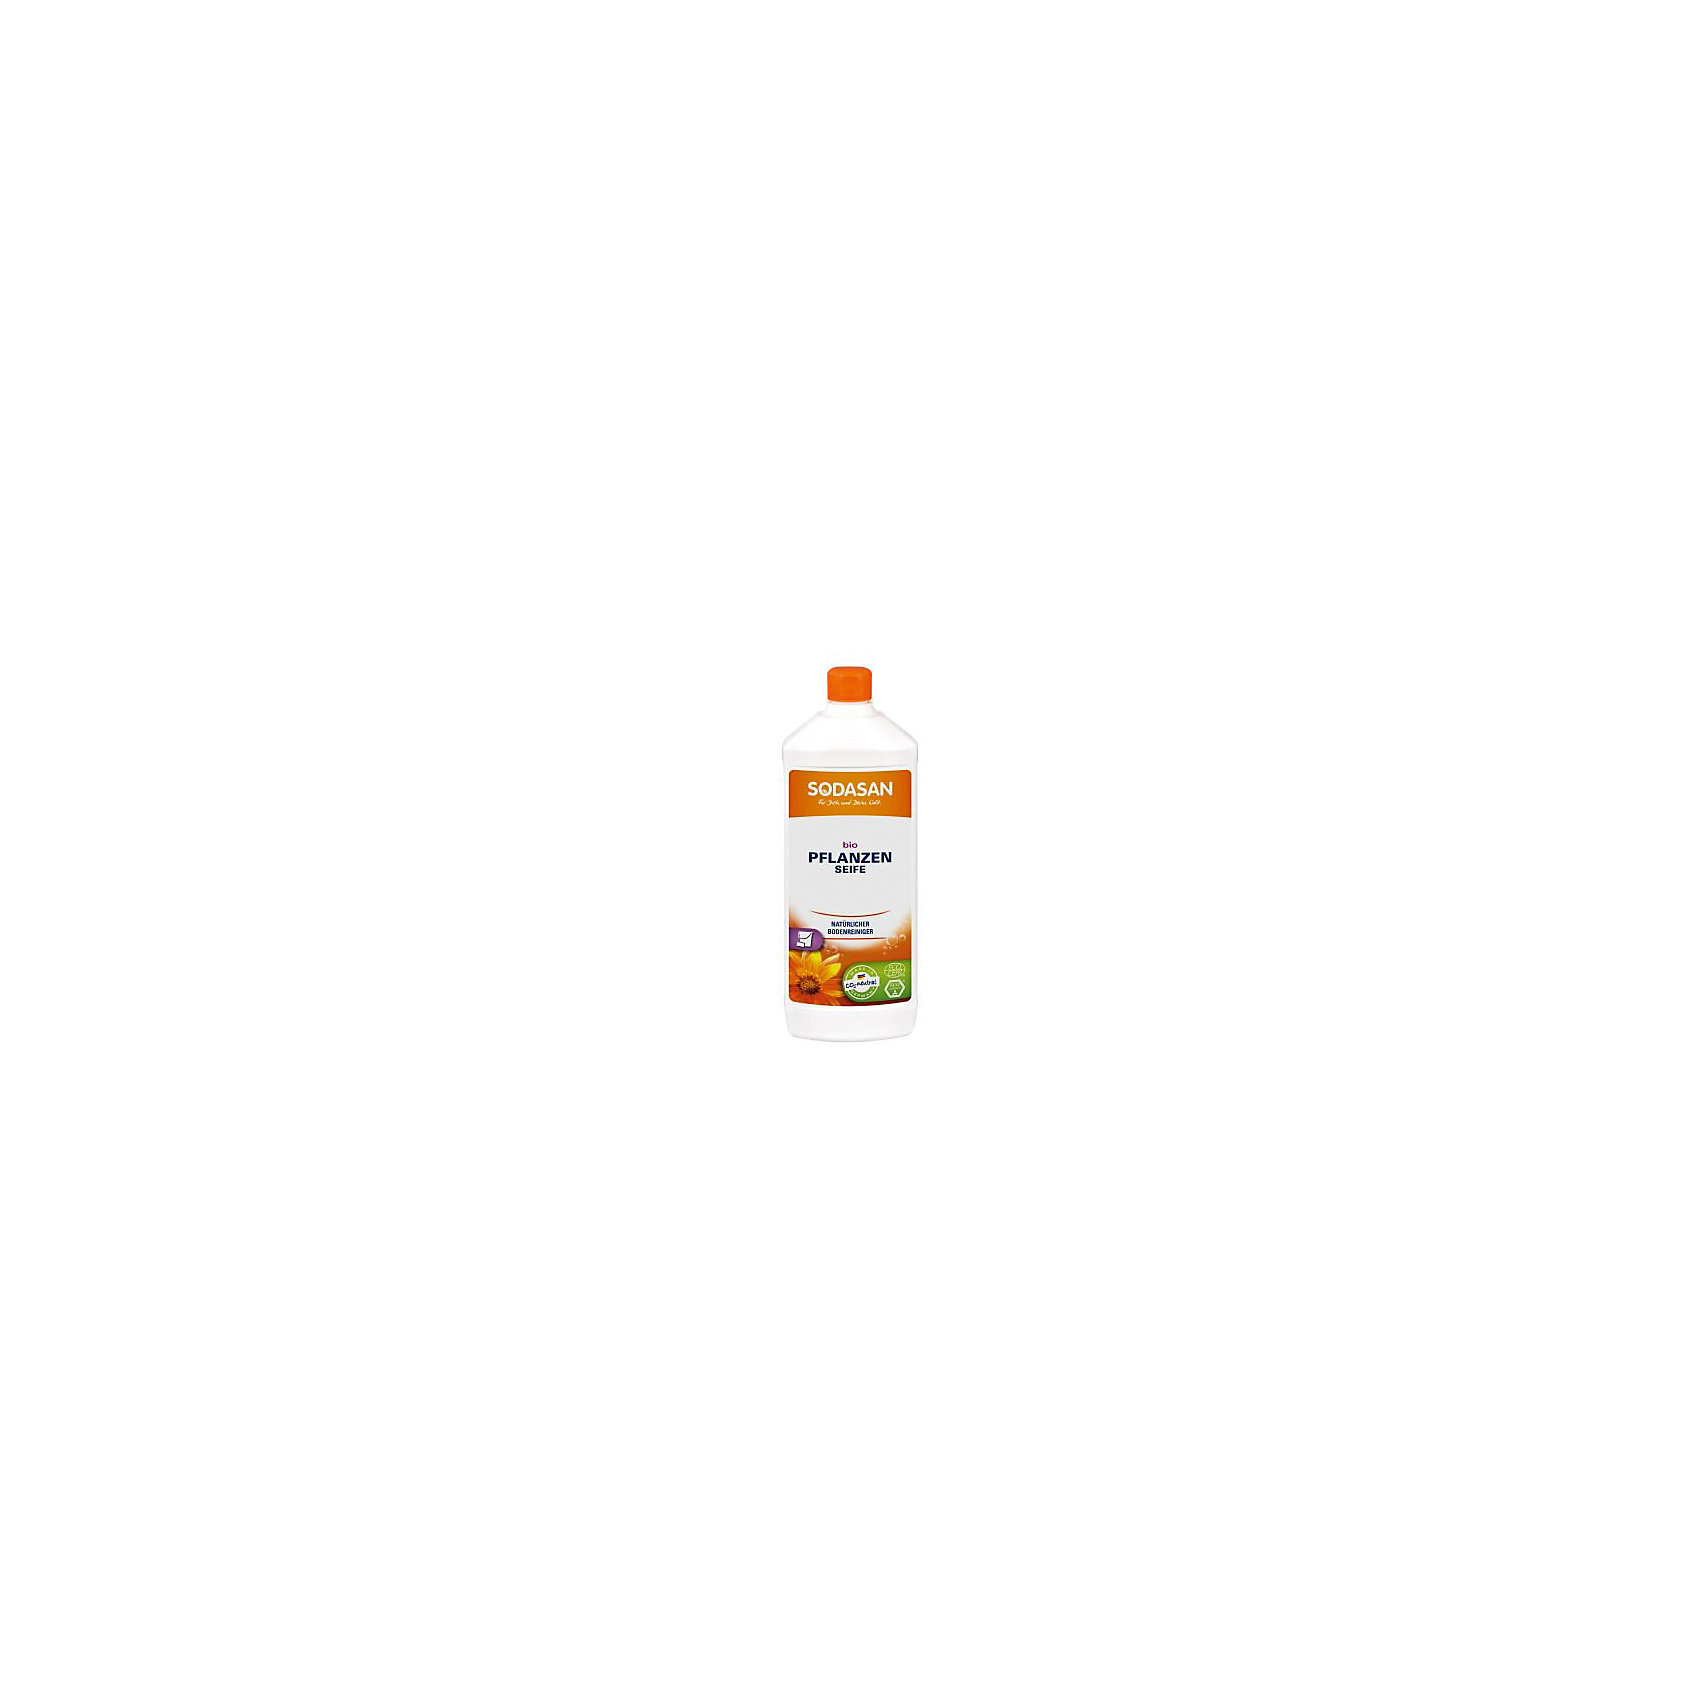 Мыло жидкое без запаха для мытья полов 1л, SodasanБытовая химия<br>Натуральное средство для чистки пола<br>Преимущества:<br><br>изготовлено из высококачественных органических растительных масел<br>отсутствие ароматов, красителей или консервантов<br>формирует естественный защитный слой<br>подходит для использования на всех гладких, очищаемых поверхностях<br>Использование:<br>Чистое мыло без запаха для чистки всех натуральных, необработанных полов. Особенно подходит для деревянных полов с открытыми порами, досок, плиток, мрамора, ламината и линолеума.<br><br>Экологические преимущества:<br>Единственное чистящее вещество в данном продукте – мыло, которое подвержено быстрому и полному биоразложению. Произведено в процессе низкотемпературной сапонификации. Продукт является CO2-нейтральным. Мы используем только электроэнергию Greenpeace energy, следовательно, на 100% обходимся без ядерной энергии.<br><br>Ширина мм: 250<br>Глубина мм: 100<br>Высота мм: 250<br>Вес г: 1000<br>Возраст от месяцев: 216<br>Возраст до месяцев: 1188<br>Пол: Унисекс<br>Возраст: Детский<br>SKU: 5407607